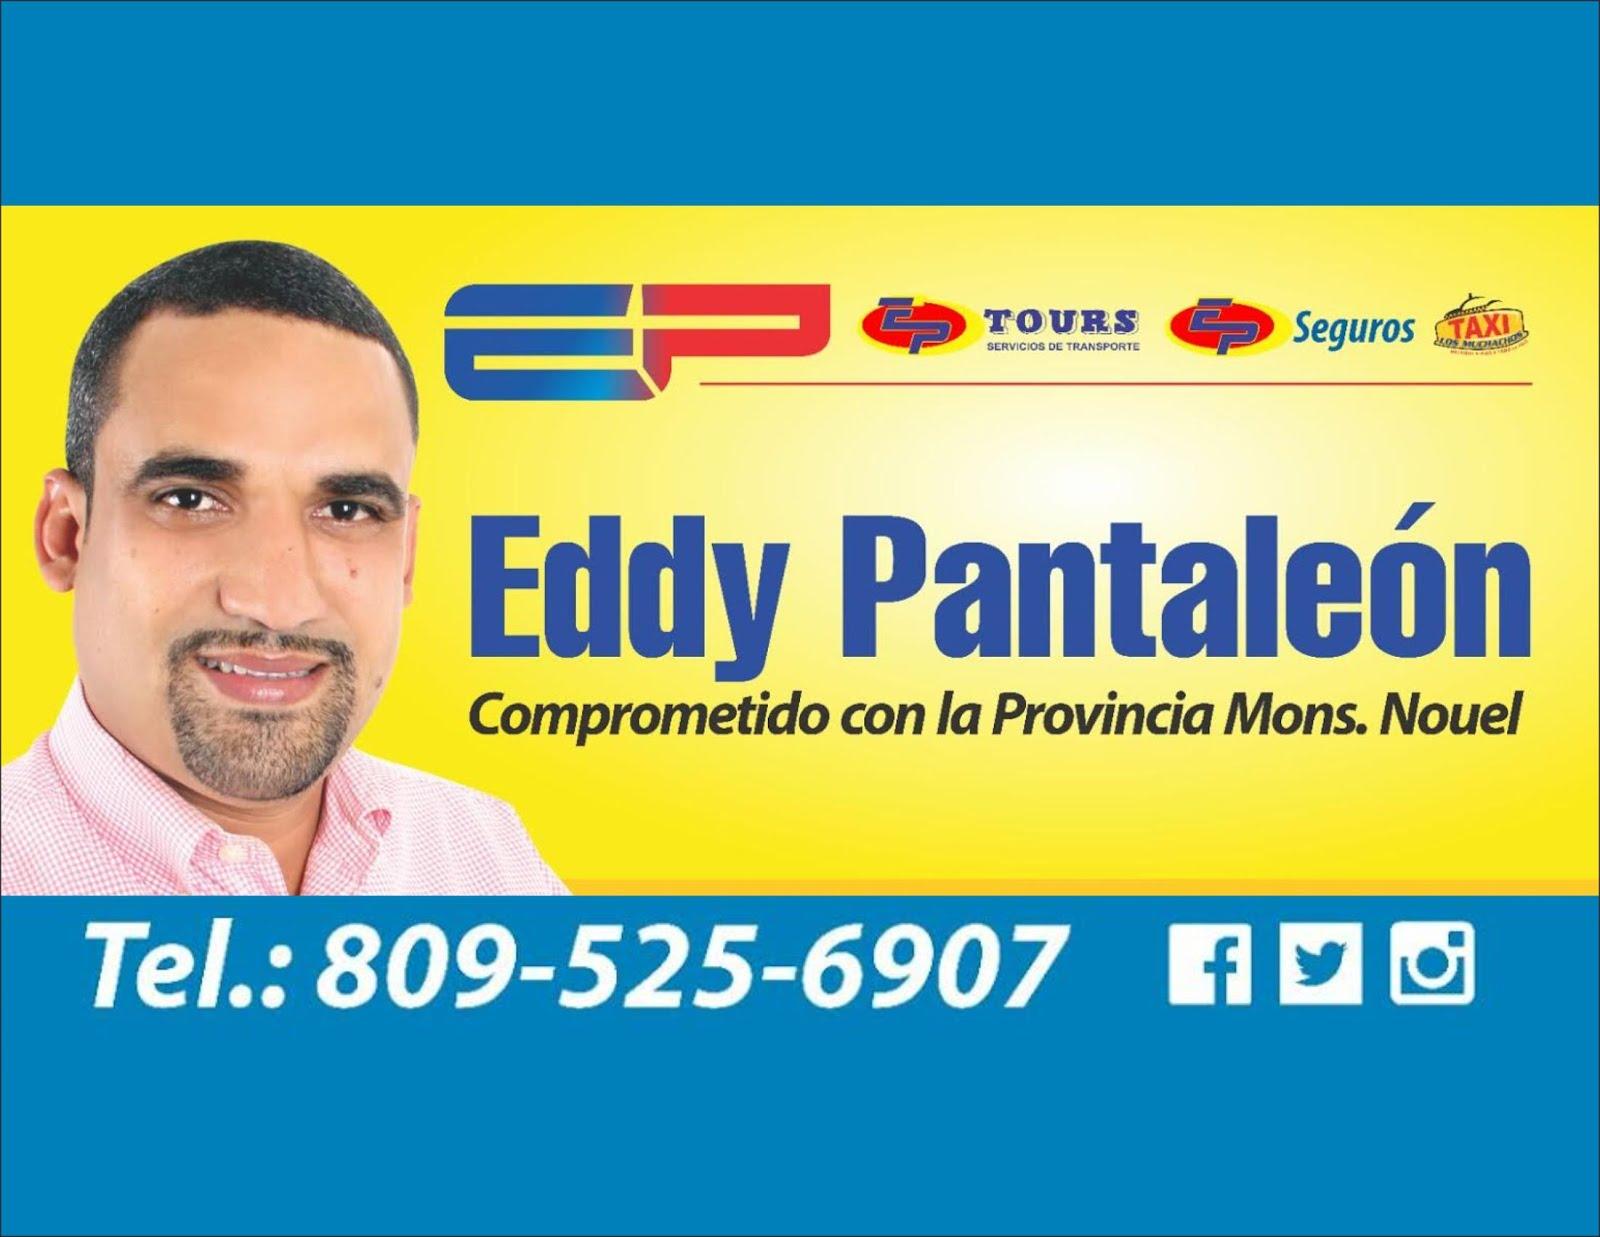 EMPRESAS DE EDDDY PANTALEON